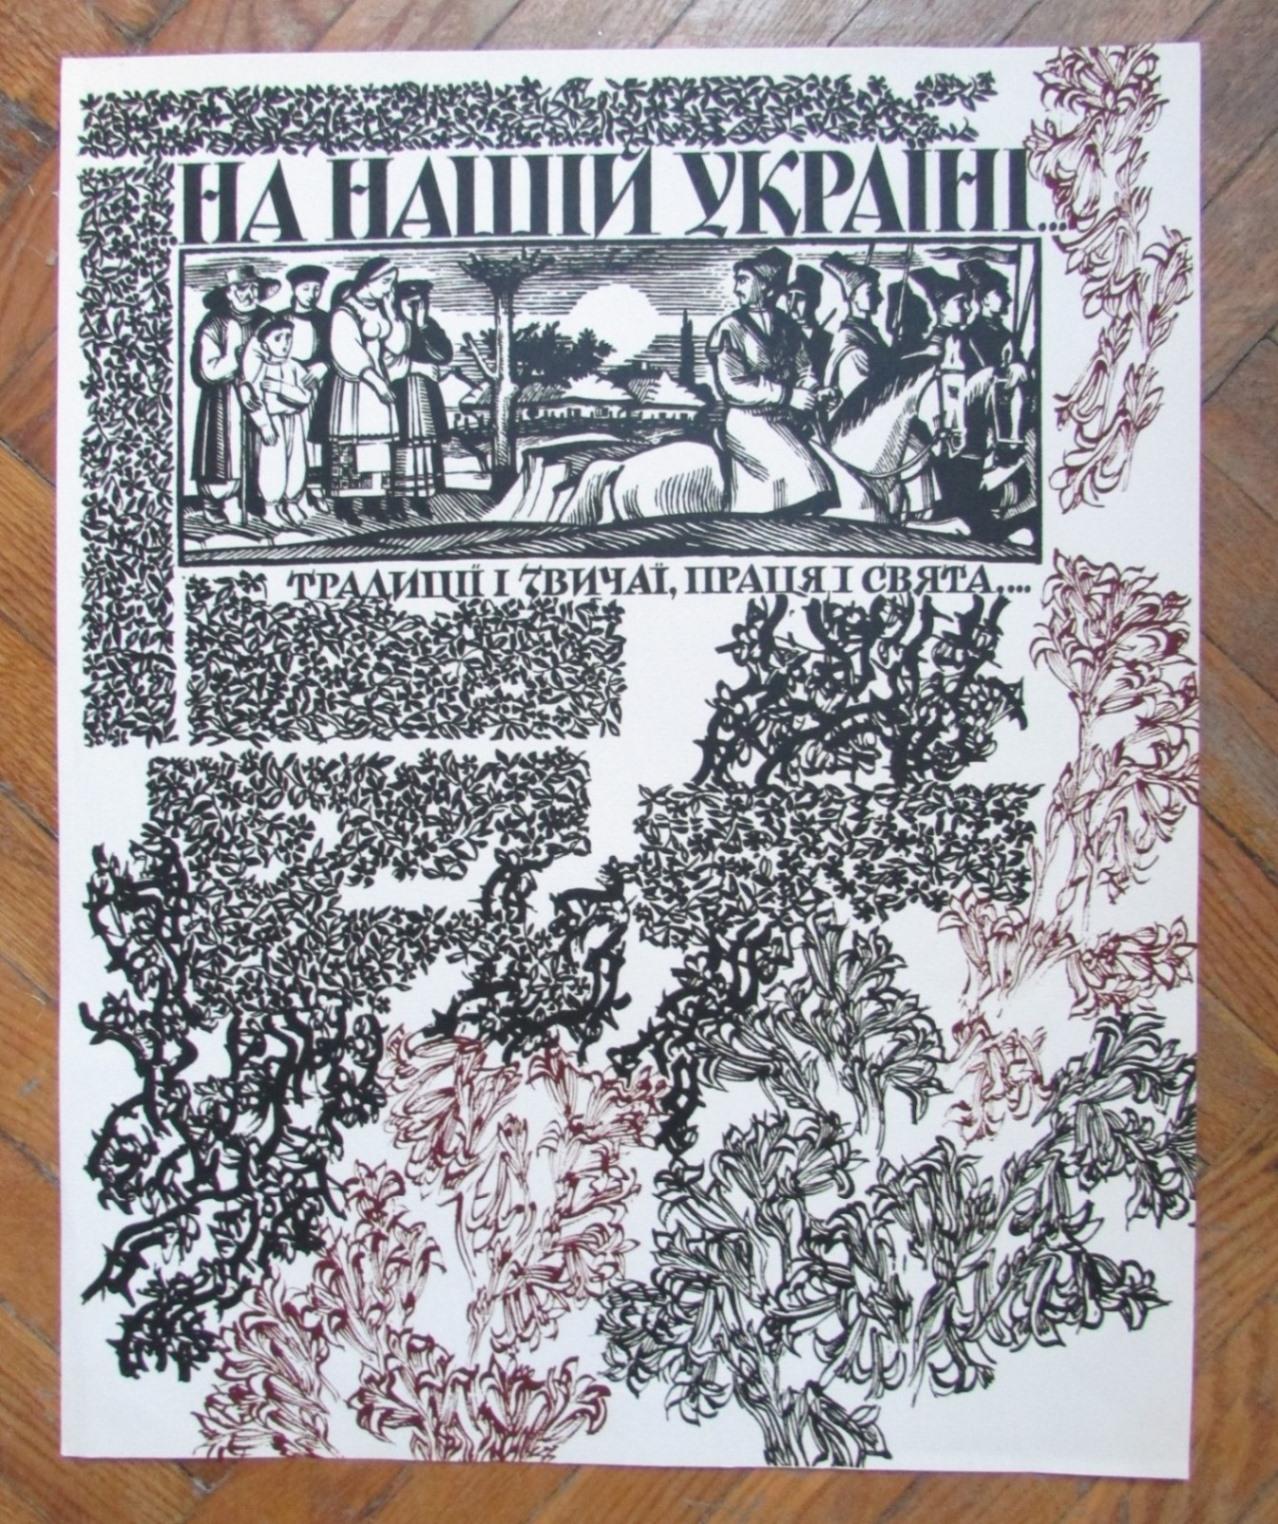 Графіка. Вкладиш «На нашій Україні традиції і звичаї, праця і свята…»